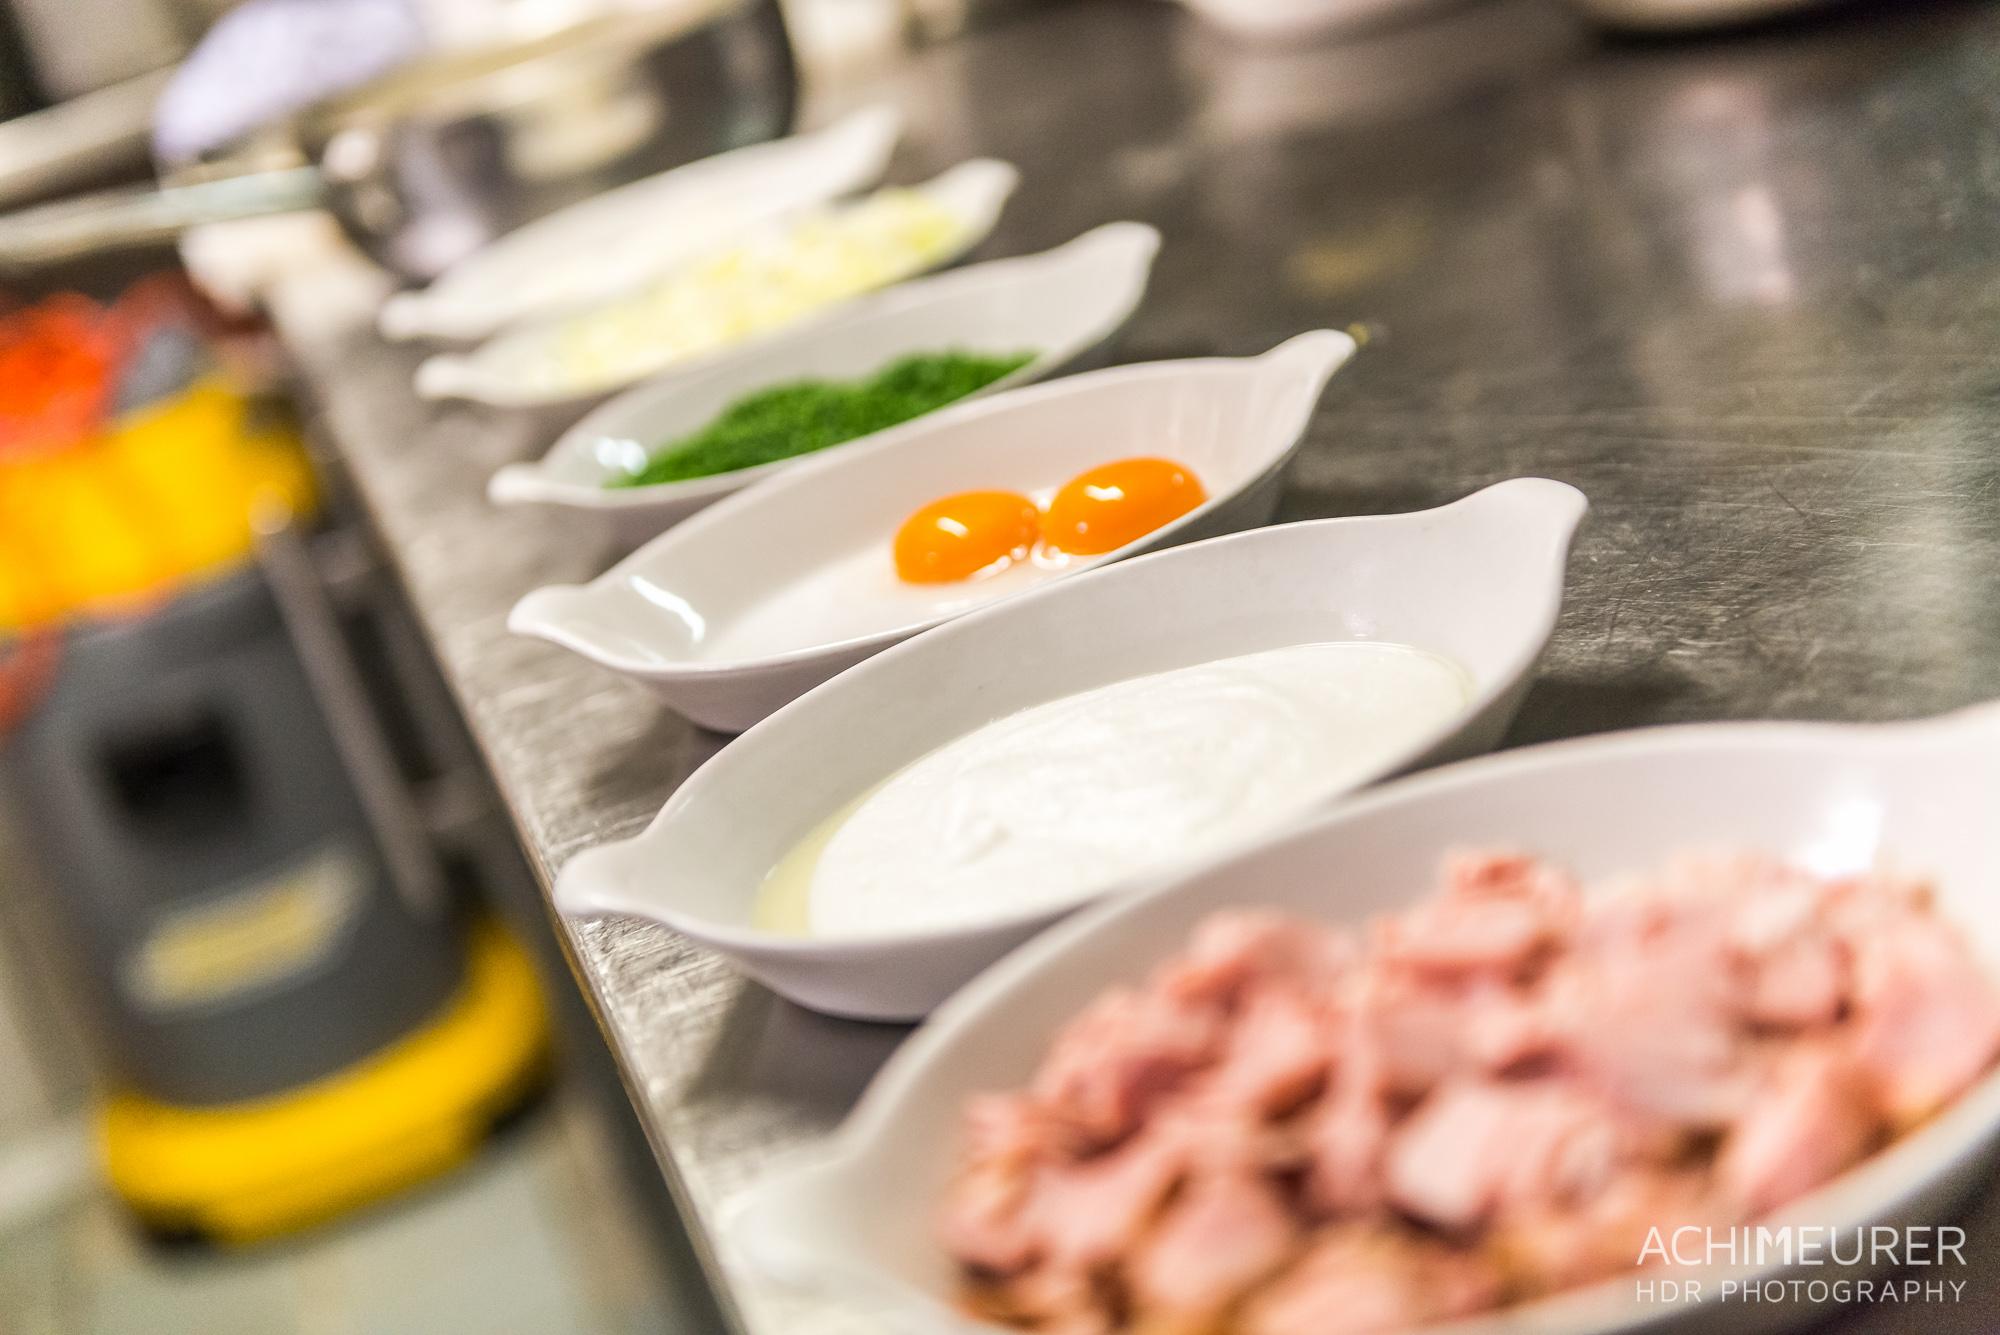 Suedtirol-Sueden-Bozen-Voegele-Kulinarik-Food-Essen-Kueche-Bozener-Sauce-Schinken-Fleckerln_1019